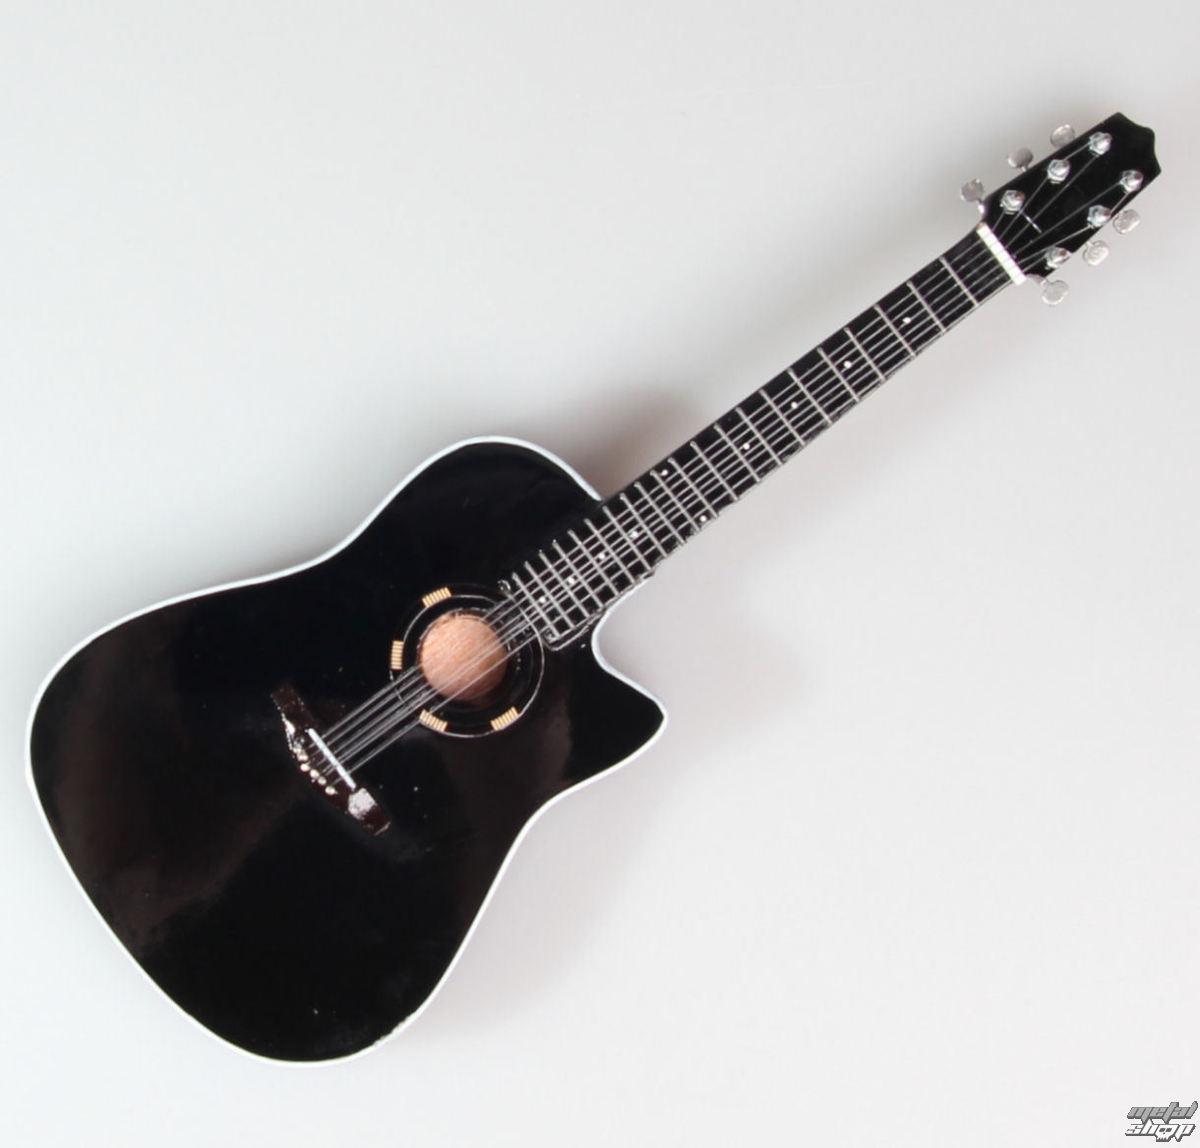 gitara Bon Jovi - Jon Bon Jovi - Black Acoustic - MINI GUITAR USA - Bon J